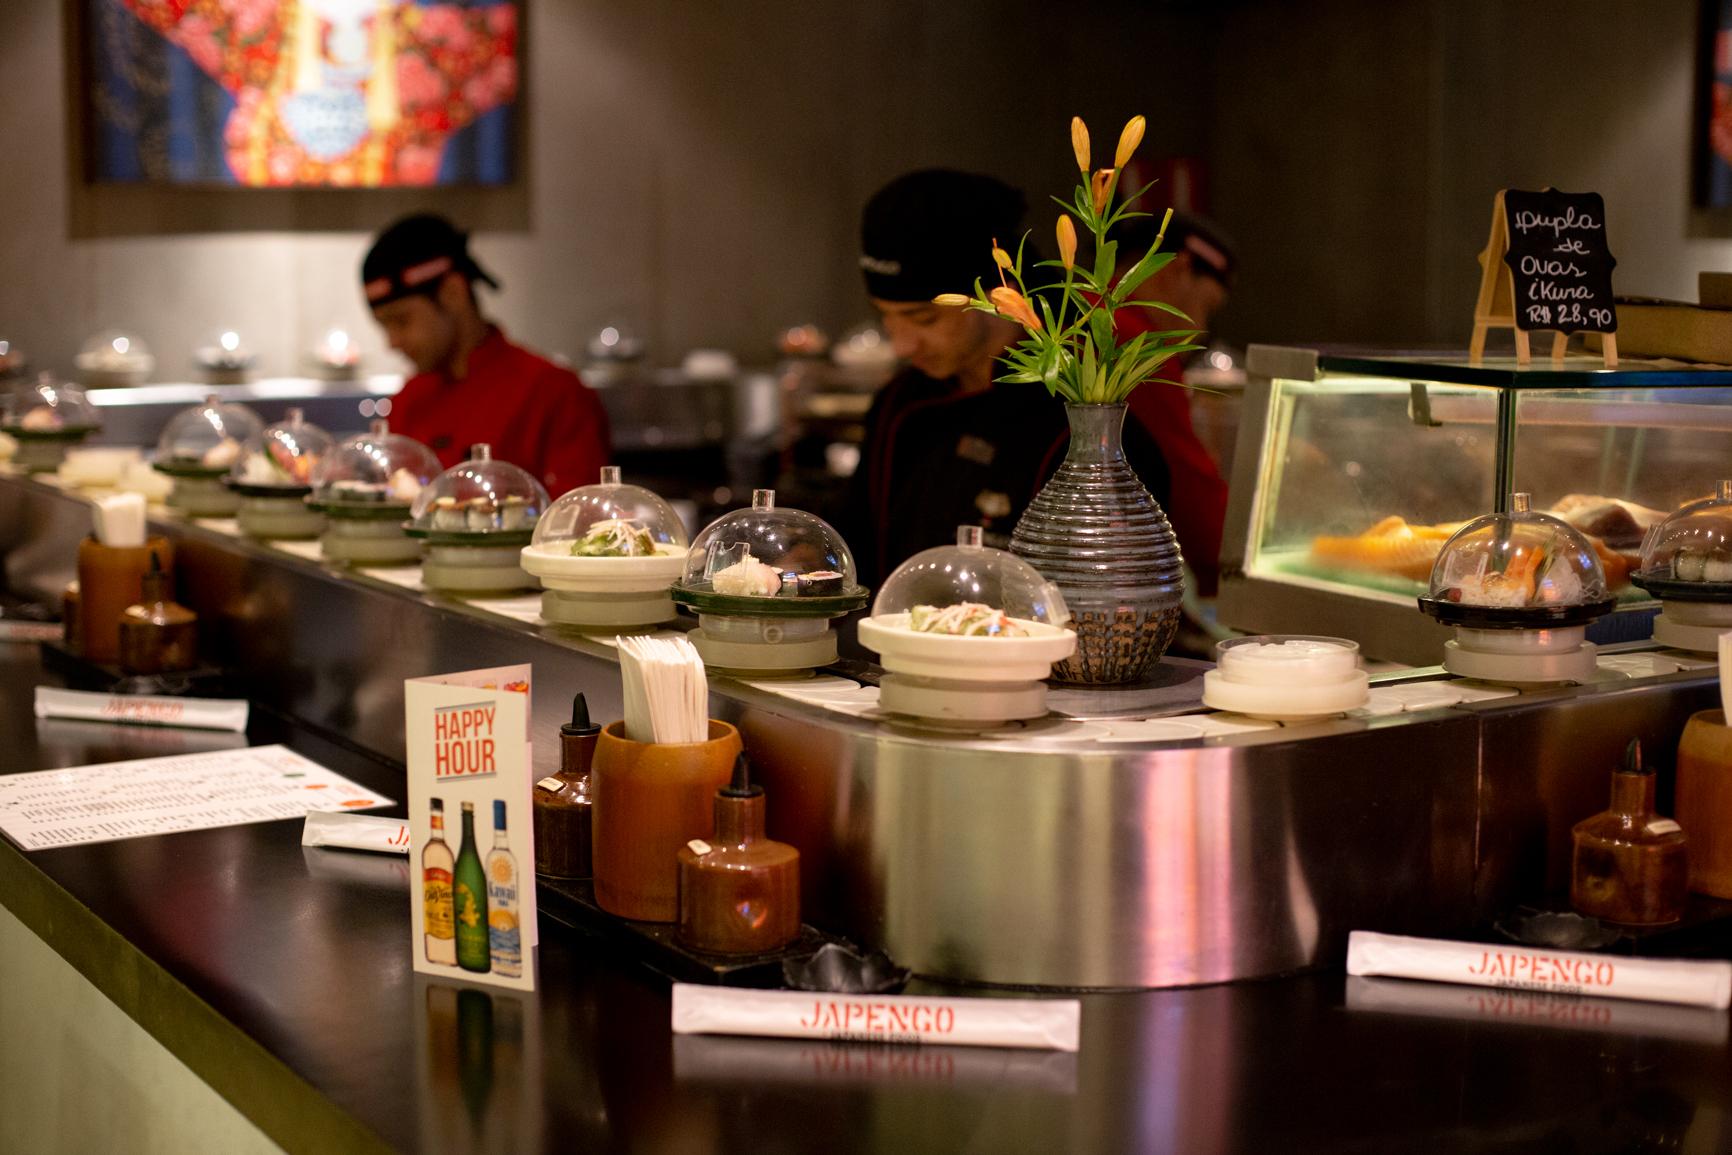 Chef Minato realiza jantar a quatro mãos com Gilson Amorin no restaurante Japengo